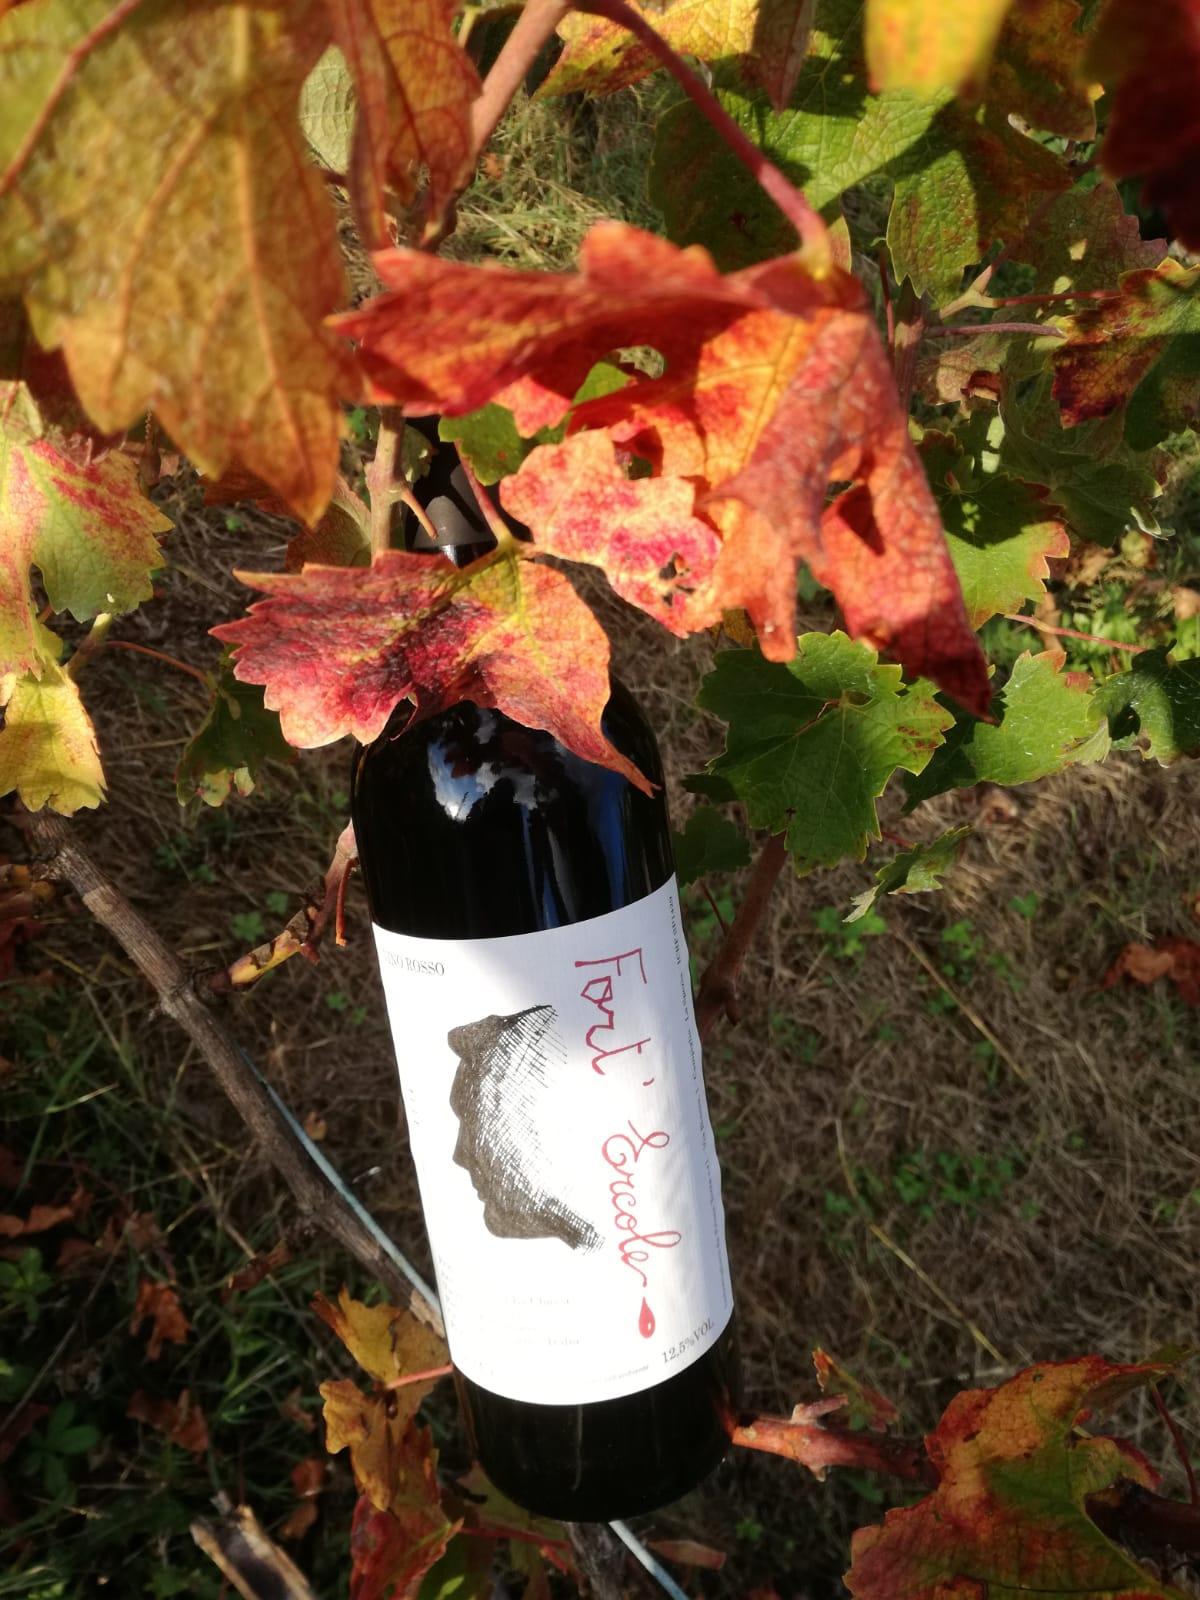 Vino rosso Fortercole La Chiosa